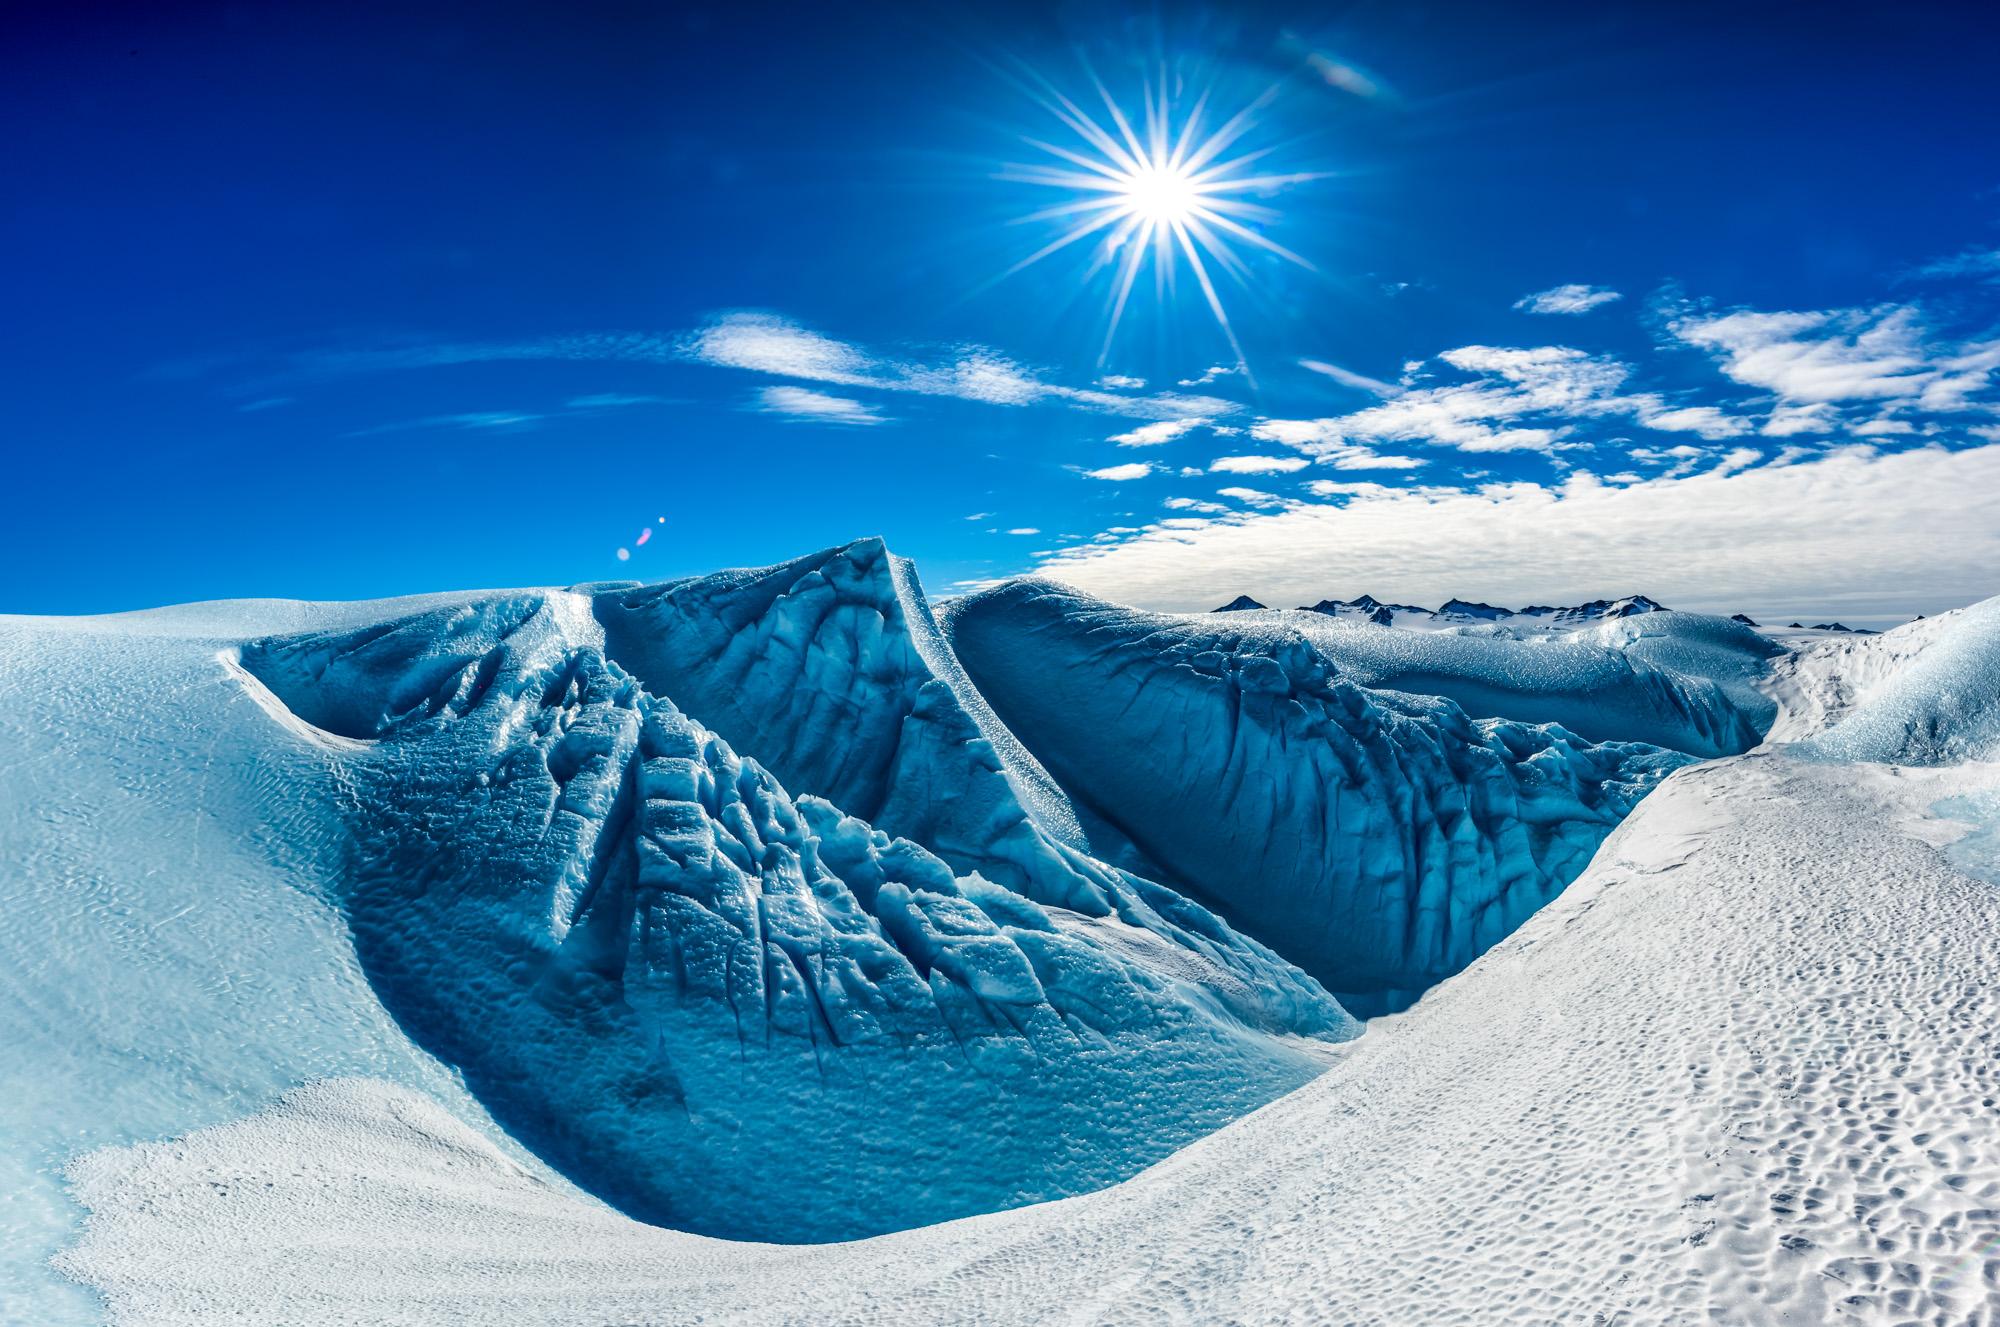 Почему в Антарктиде синий лед?